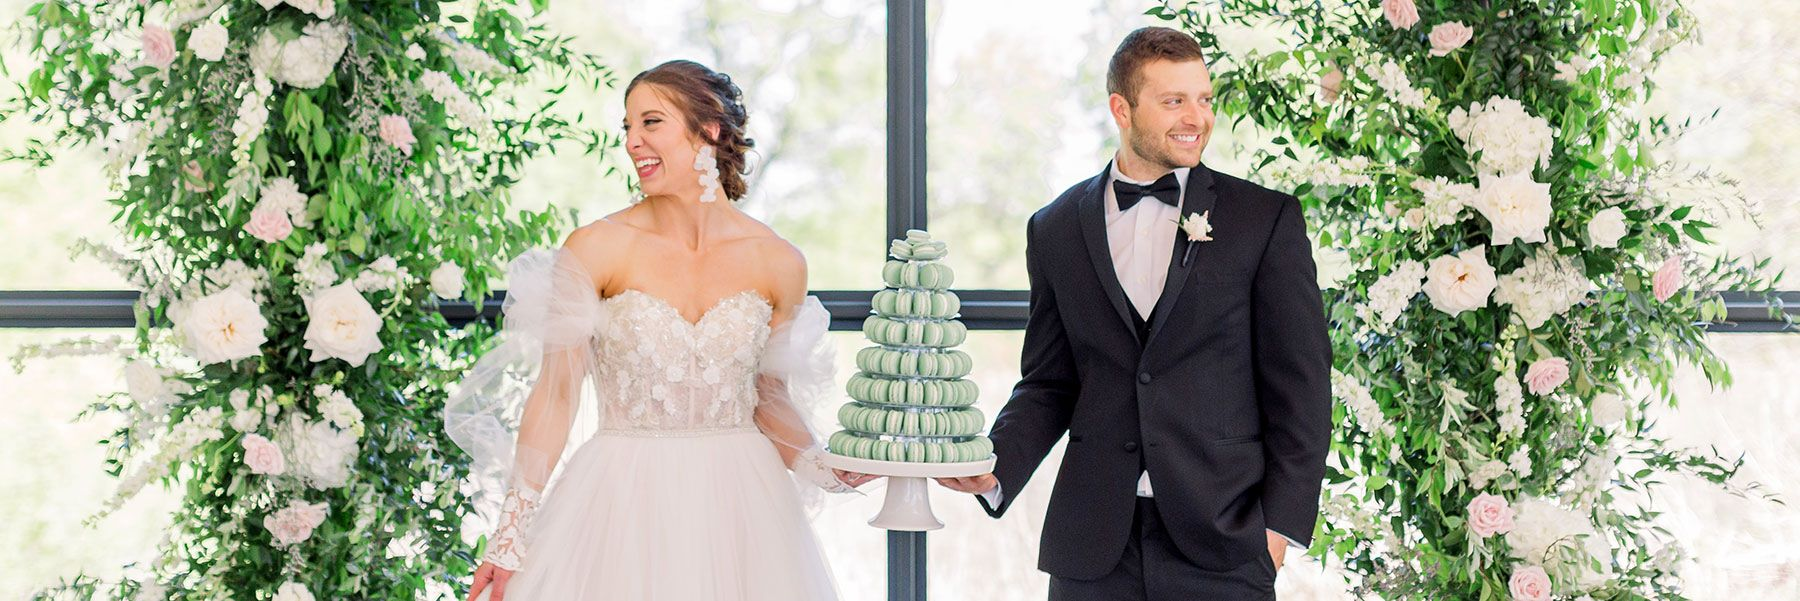 Weddings Packages